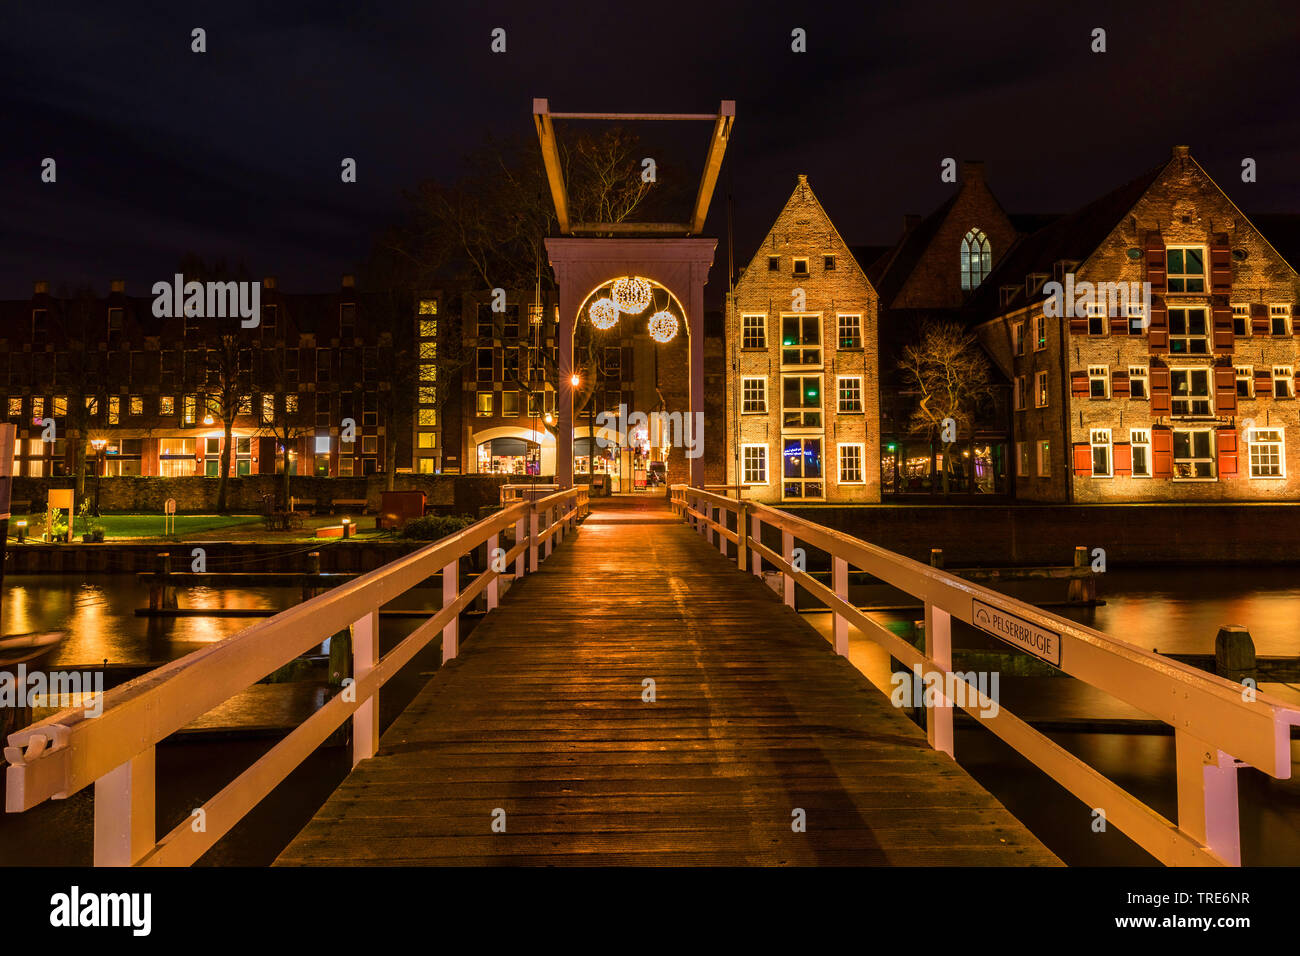 Stadtansicht von Zwolle bei Nacht, Sich von der Bruecke, Niederlande, Overijssel, Zwolle | Cityscape Zwolle by night, bridge, Netherlands, Overijssel, - Stock Image